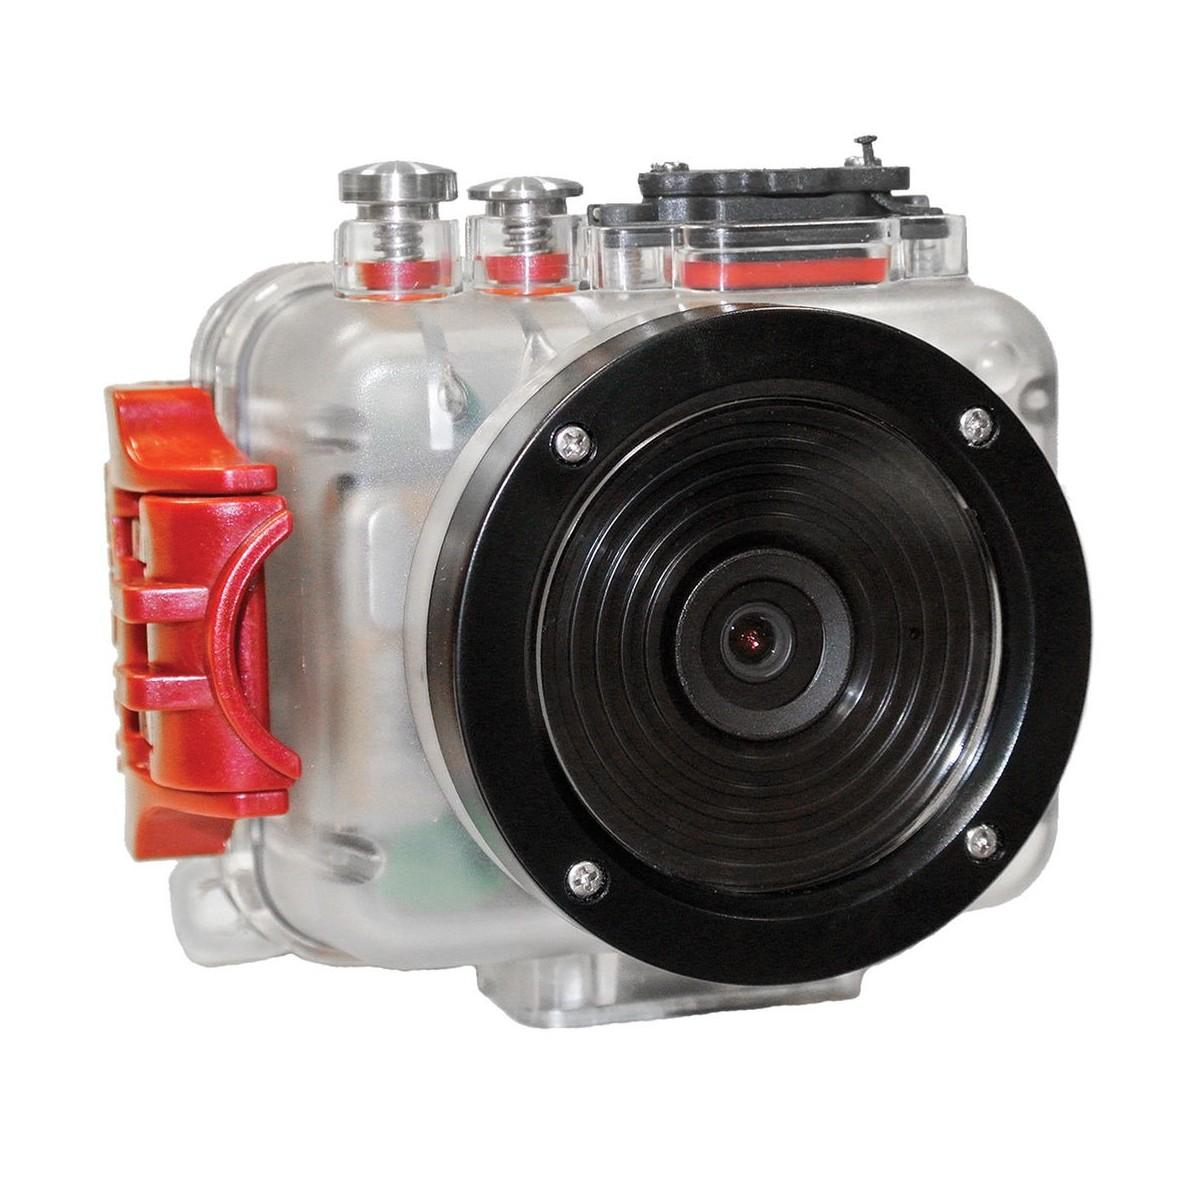 Intova Connex Camera